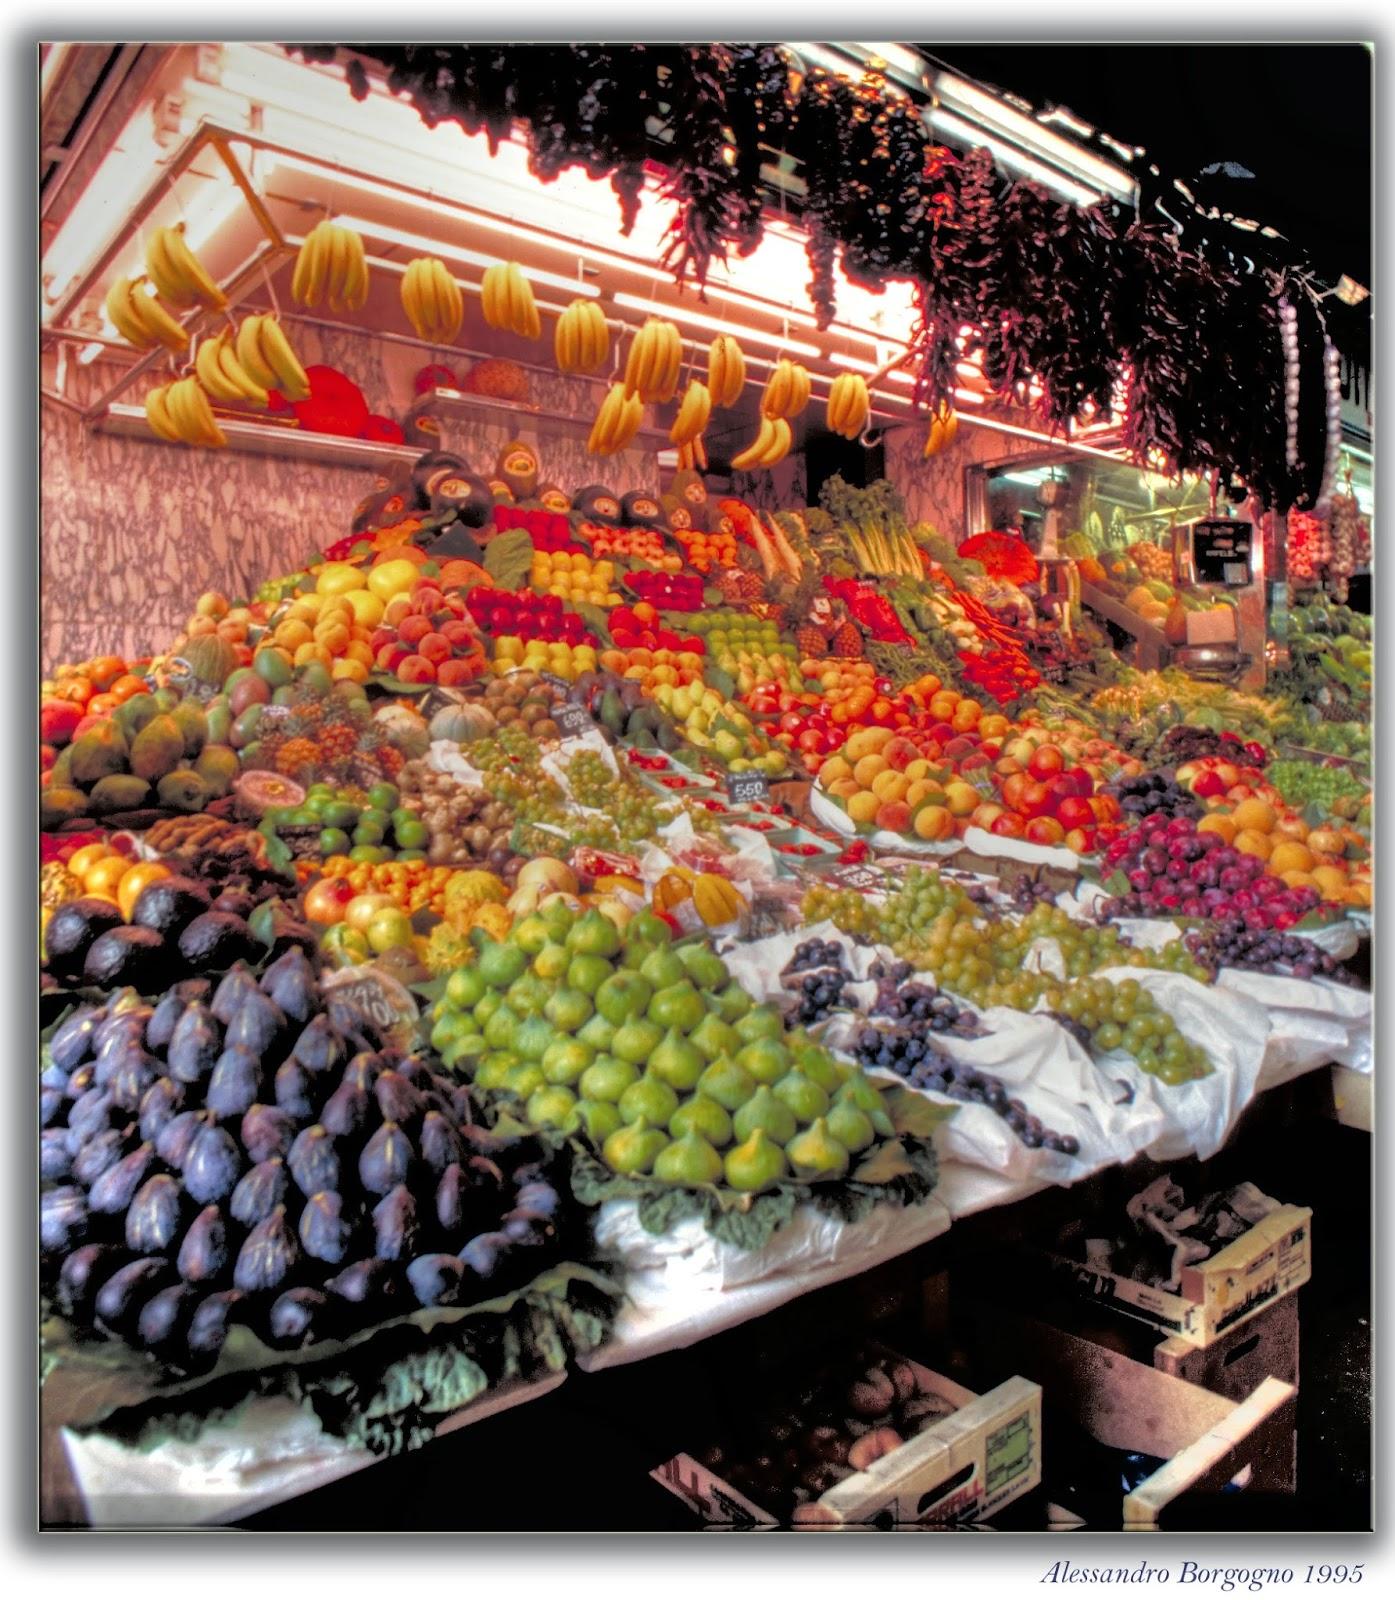 Barcellona - Mercato della frutta